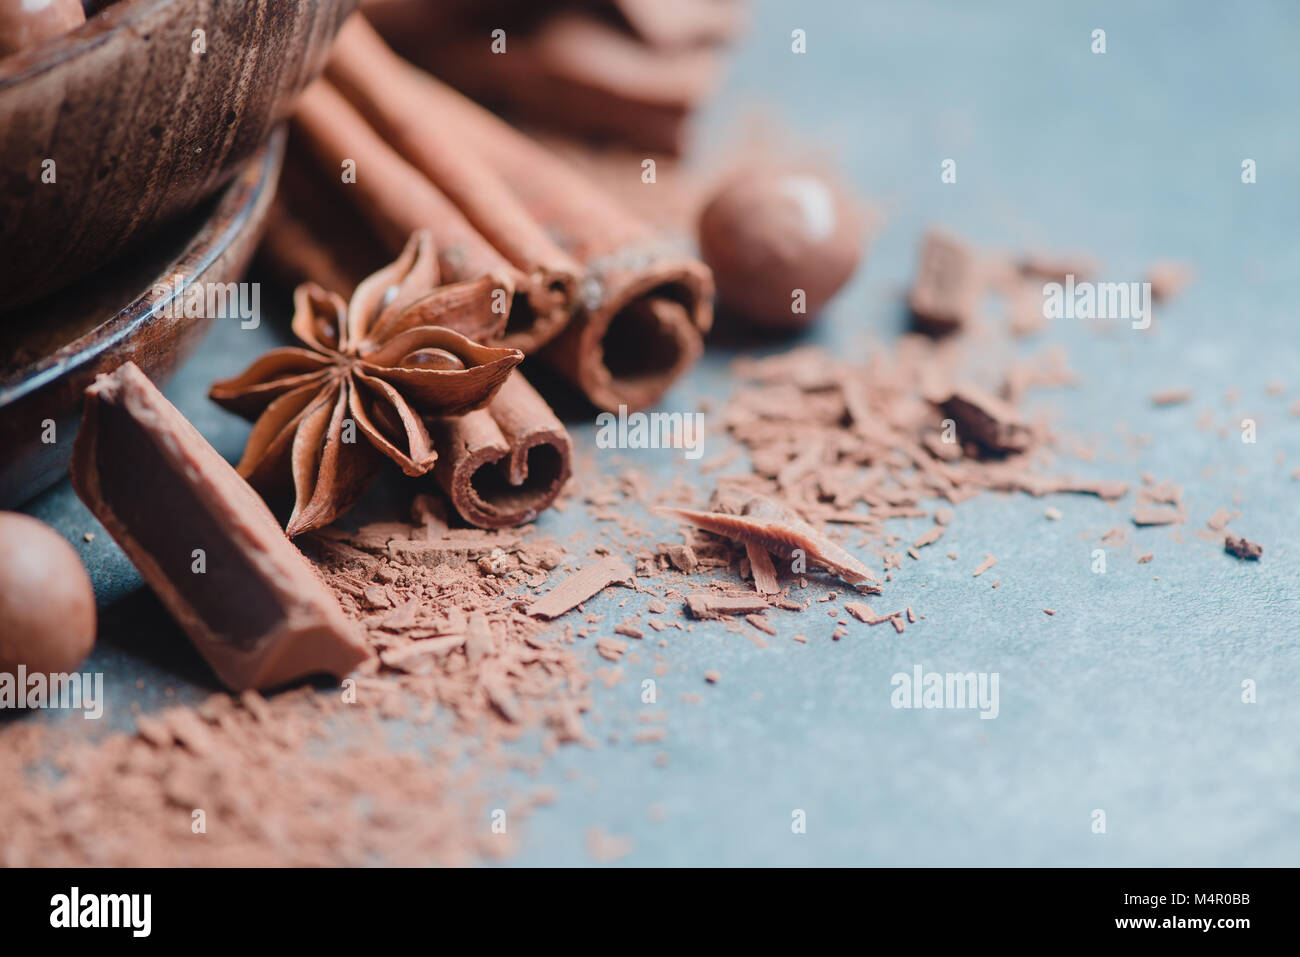 Stiftleiste mit Schokolade, Gewürzen, Anis, Zimt und Kakao auf einen Stein Hintergrund. Kochen Desserts und Stockbild